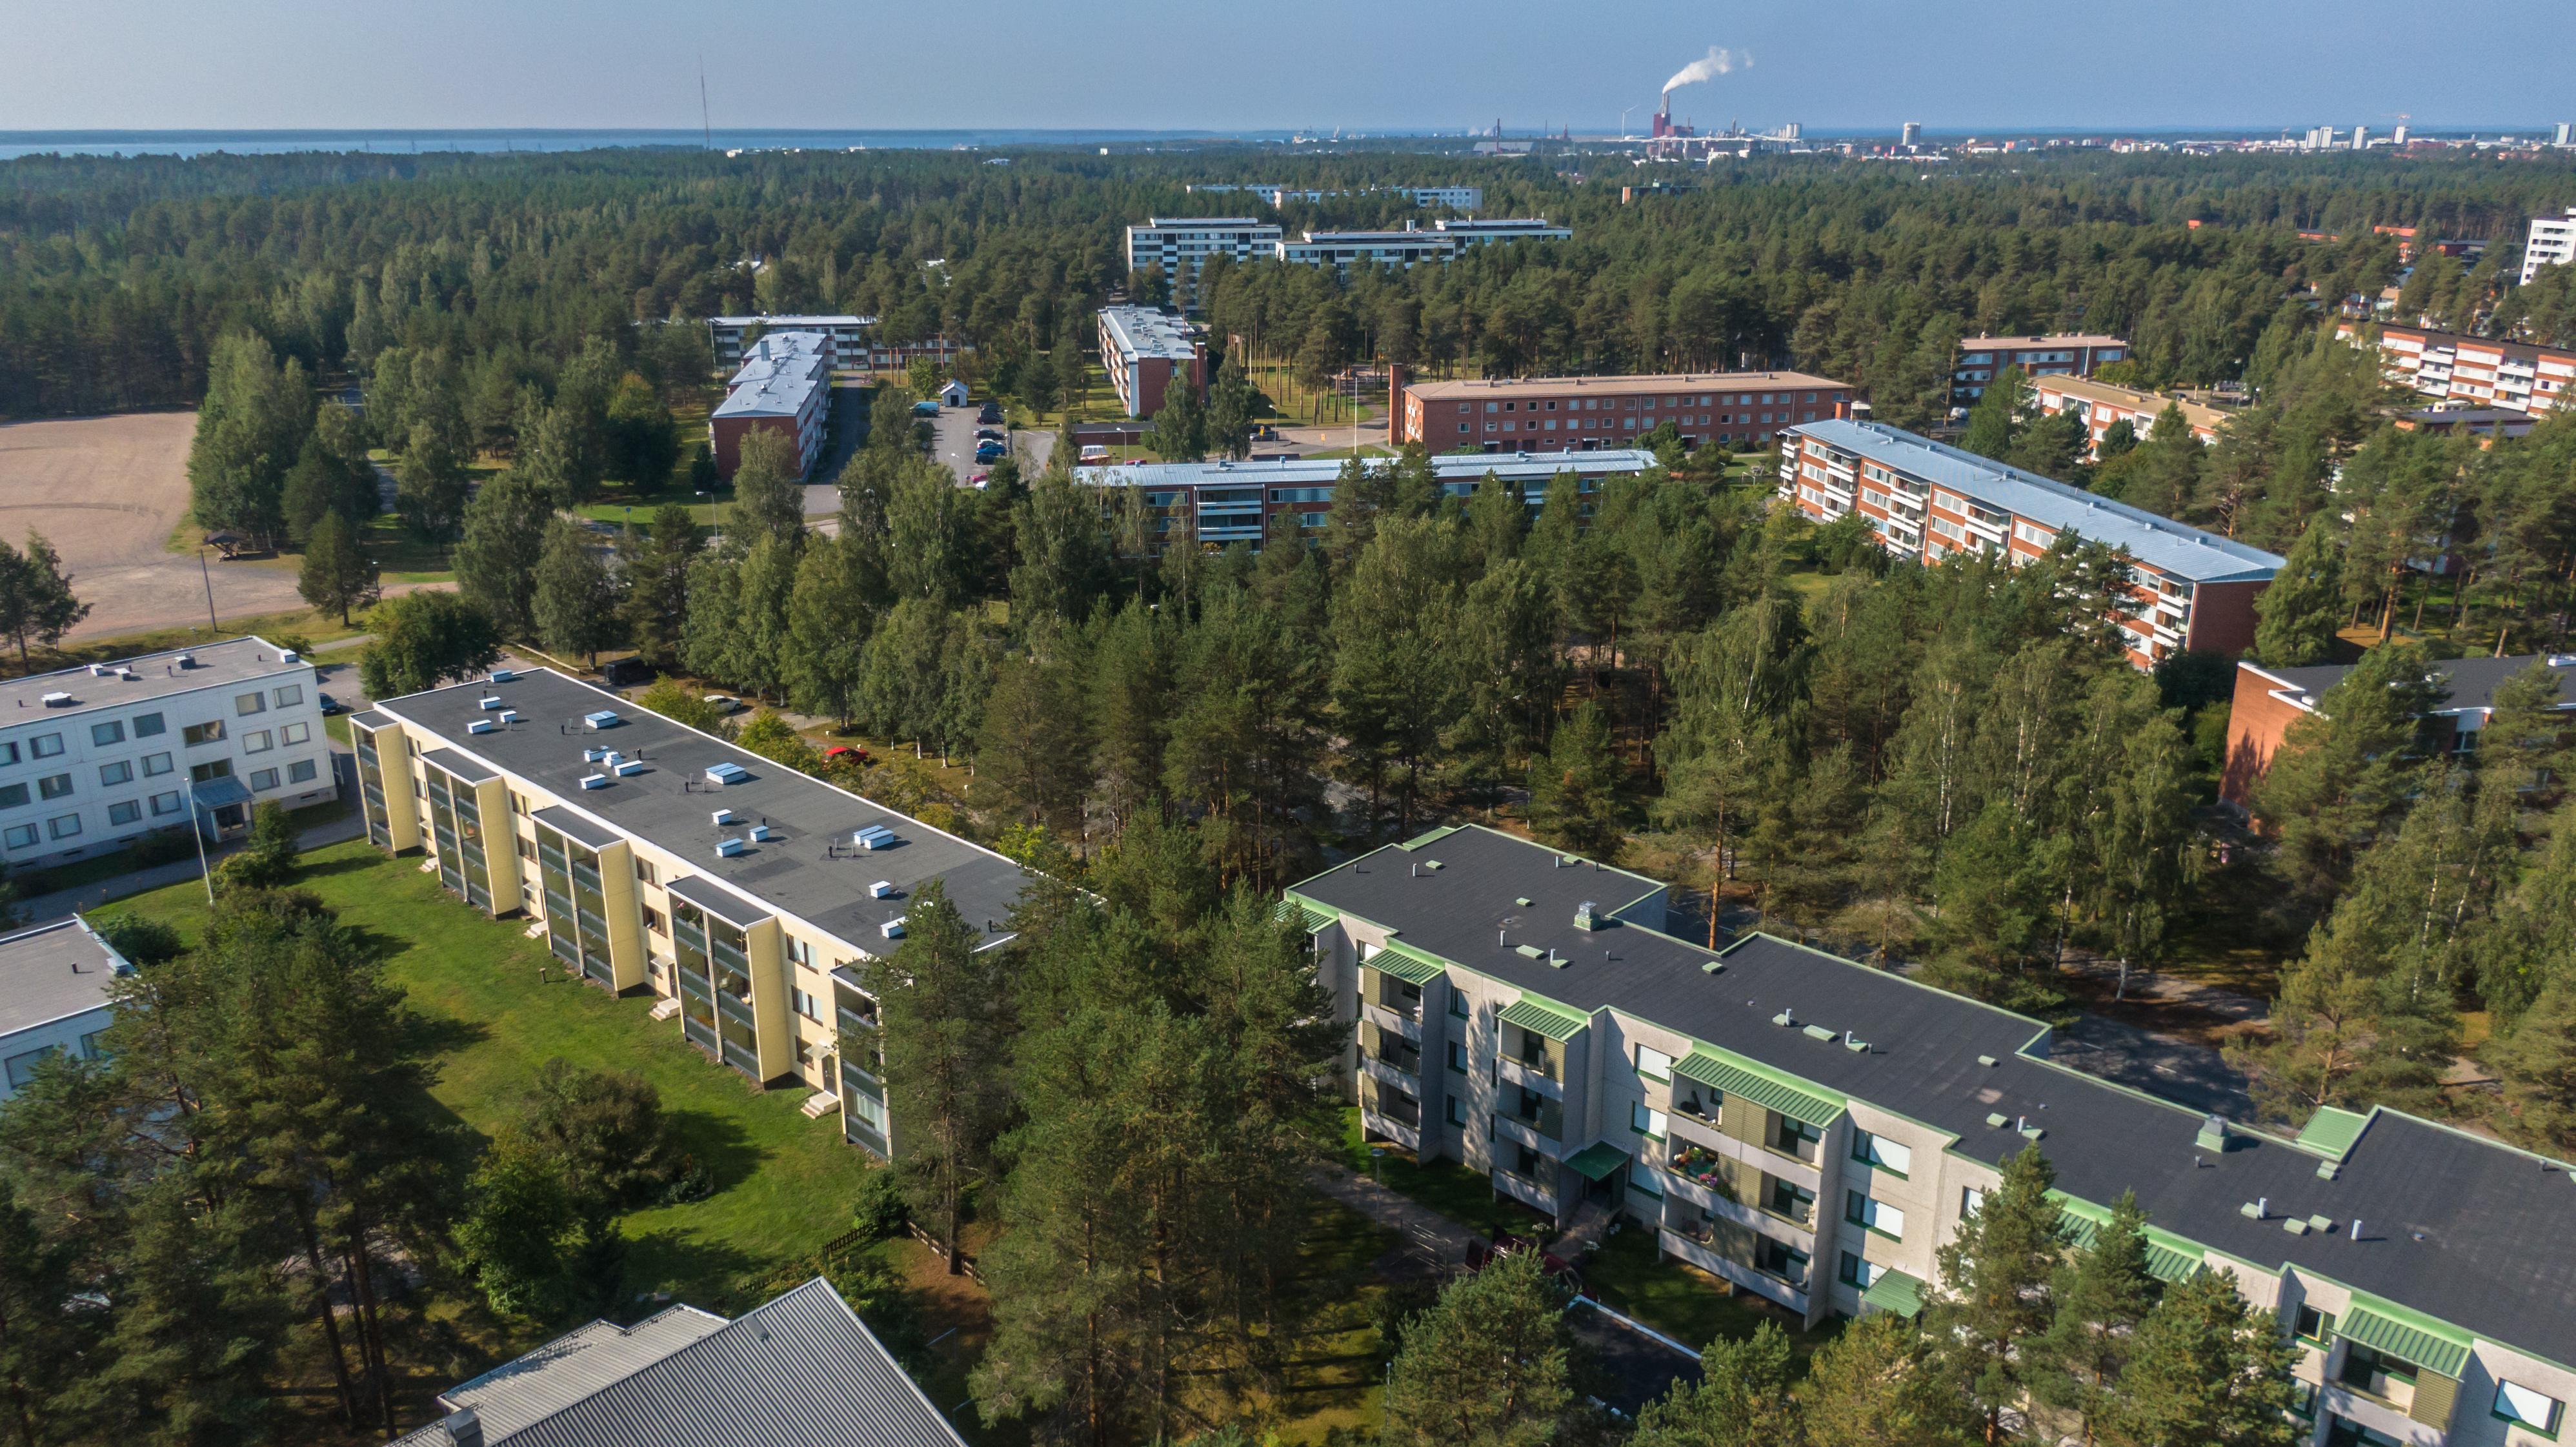 Dronen avulla otettu ilmakuva Oulun Kaukovainion asuinalueesta. Metsää ja kerrostaloja.